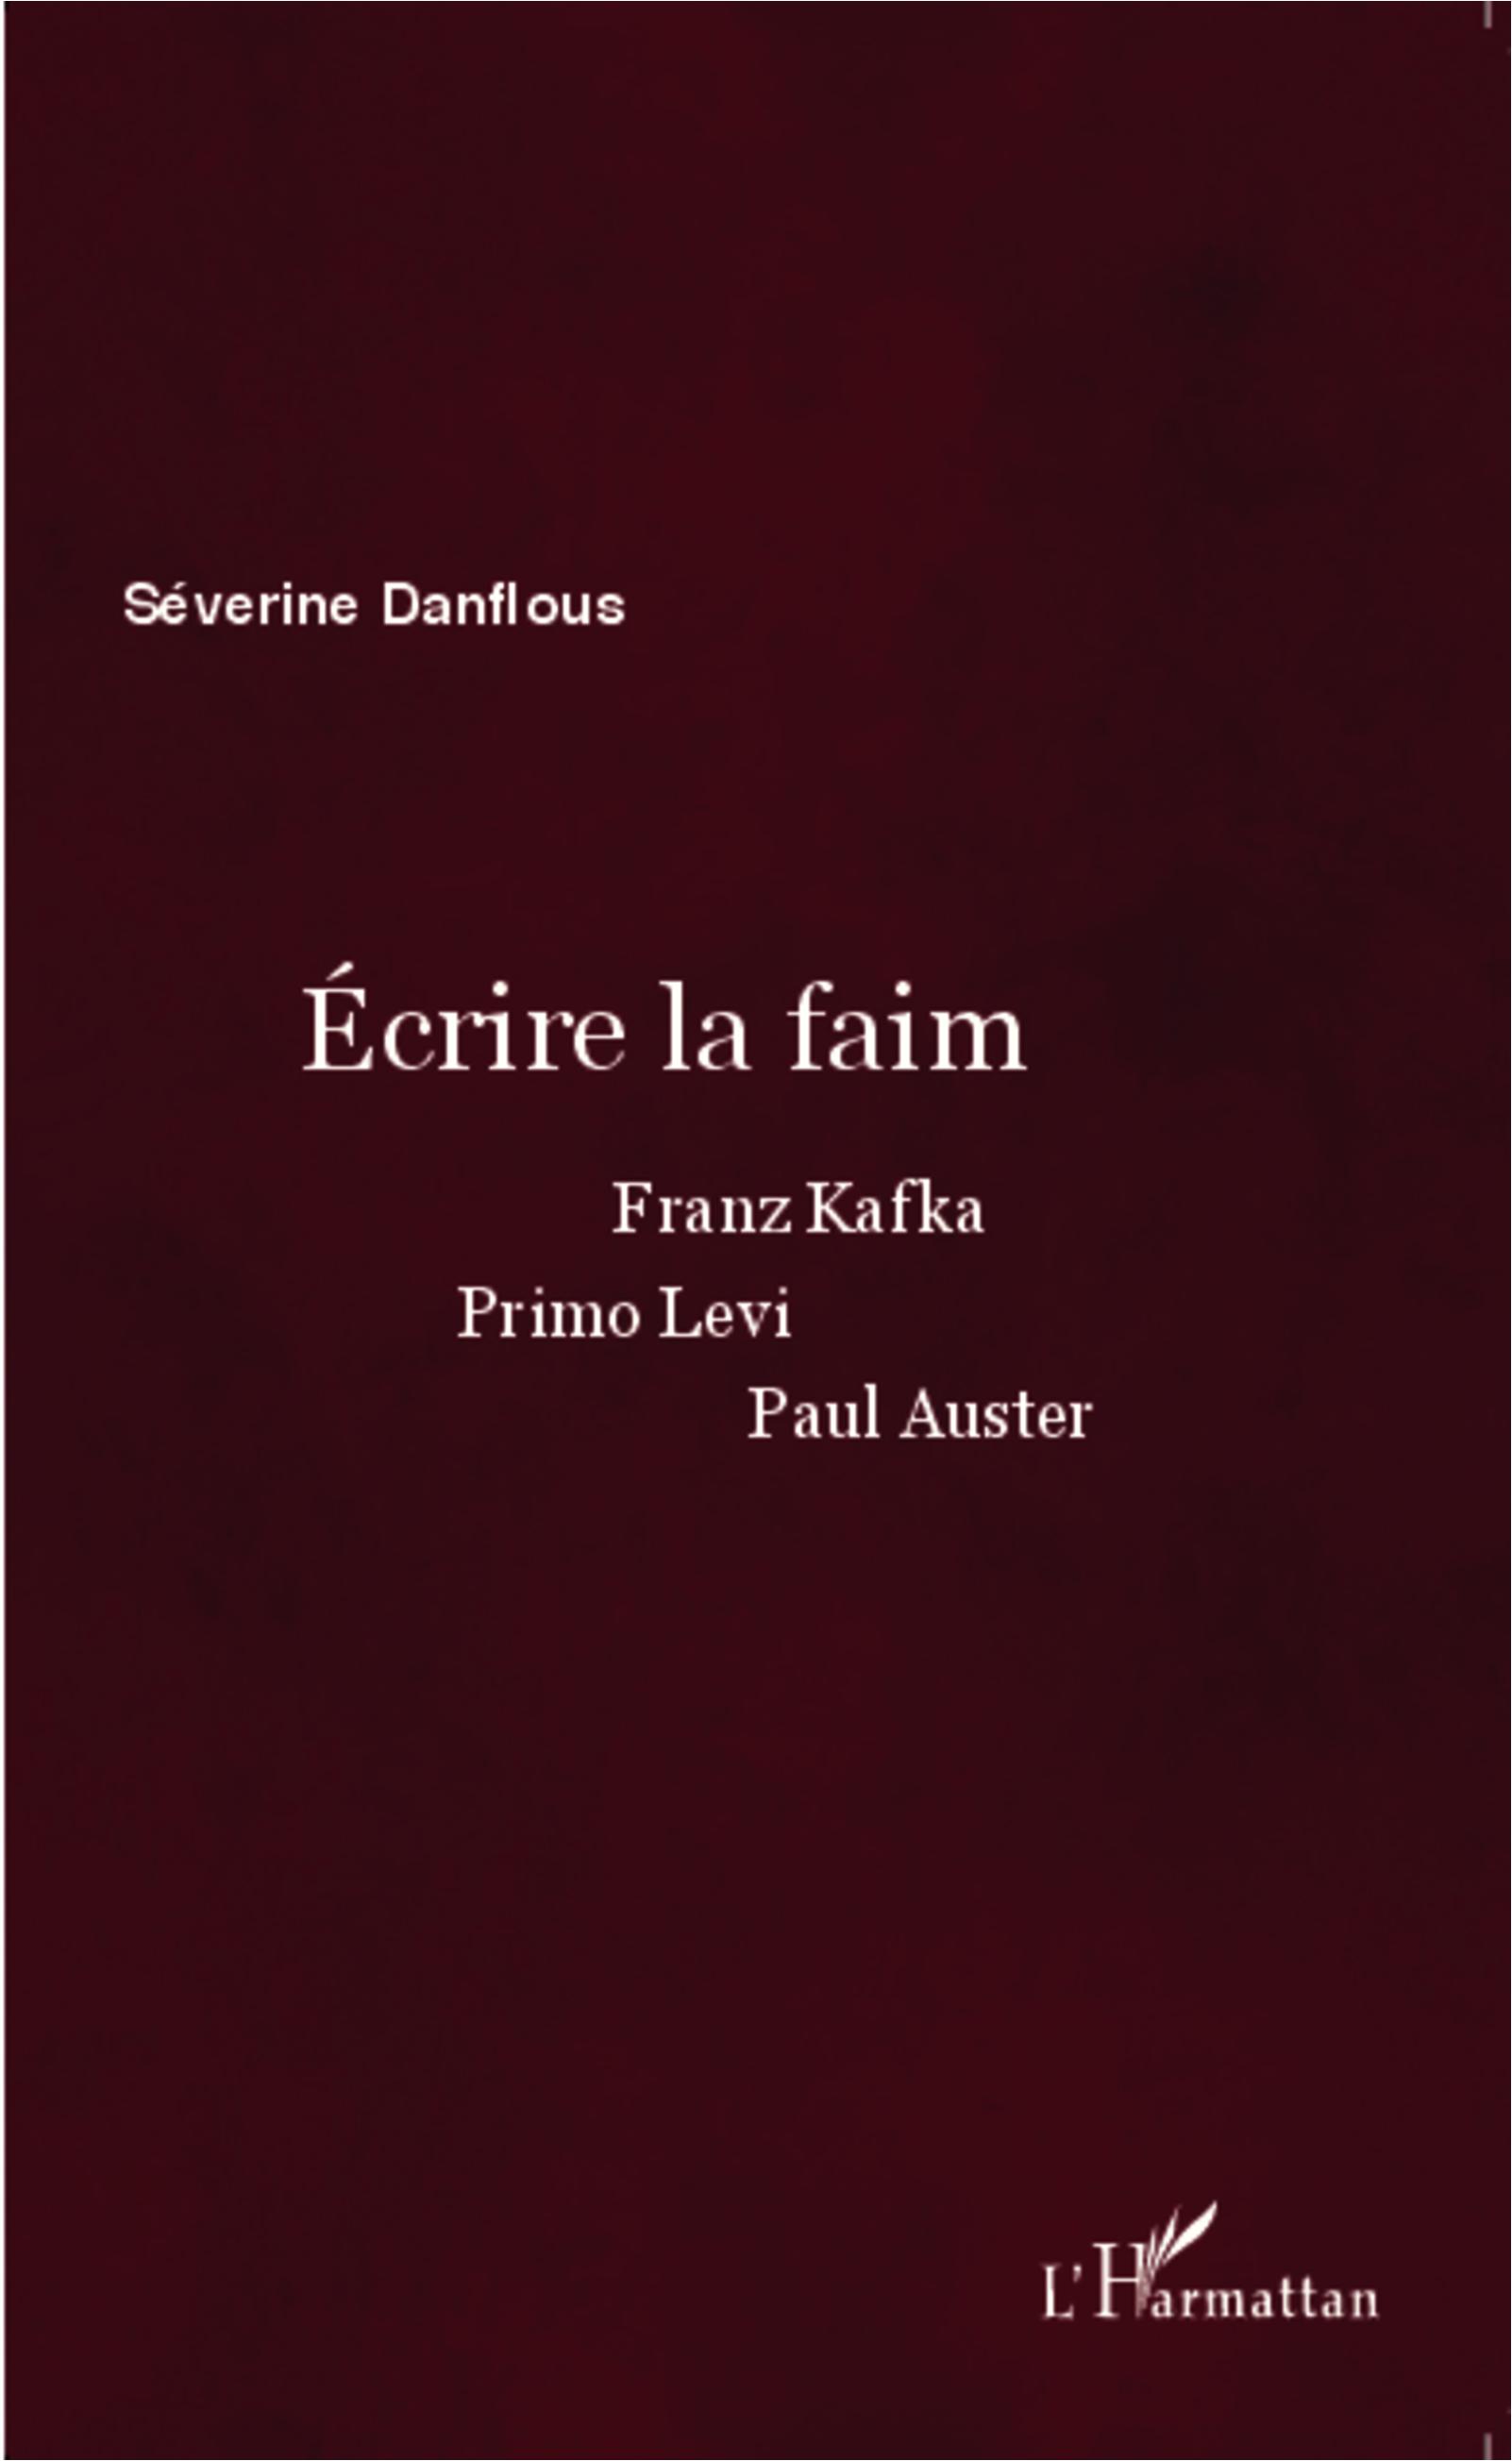 S. Danflous, Écrire la faim. Franz Kafka, Primo Levi, Paul Auster